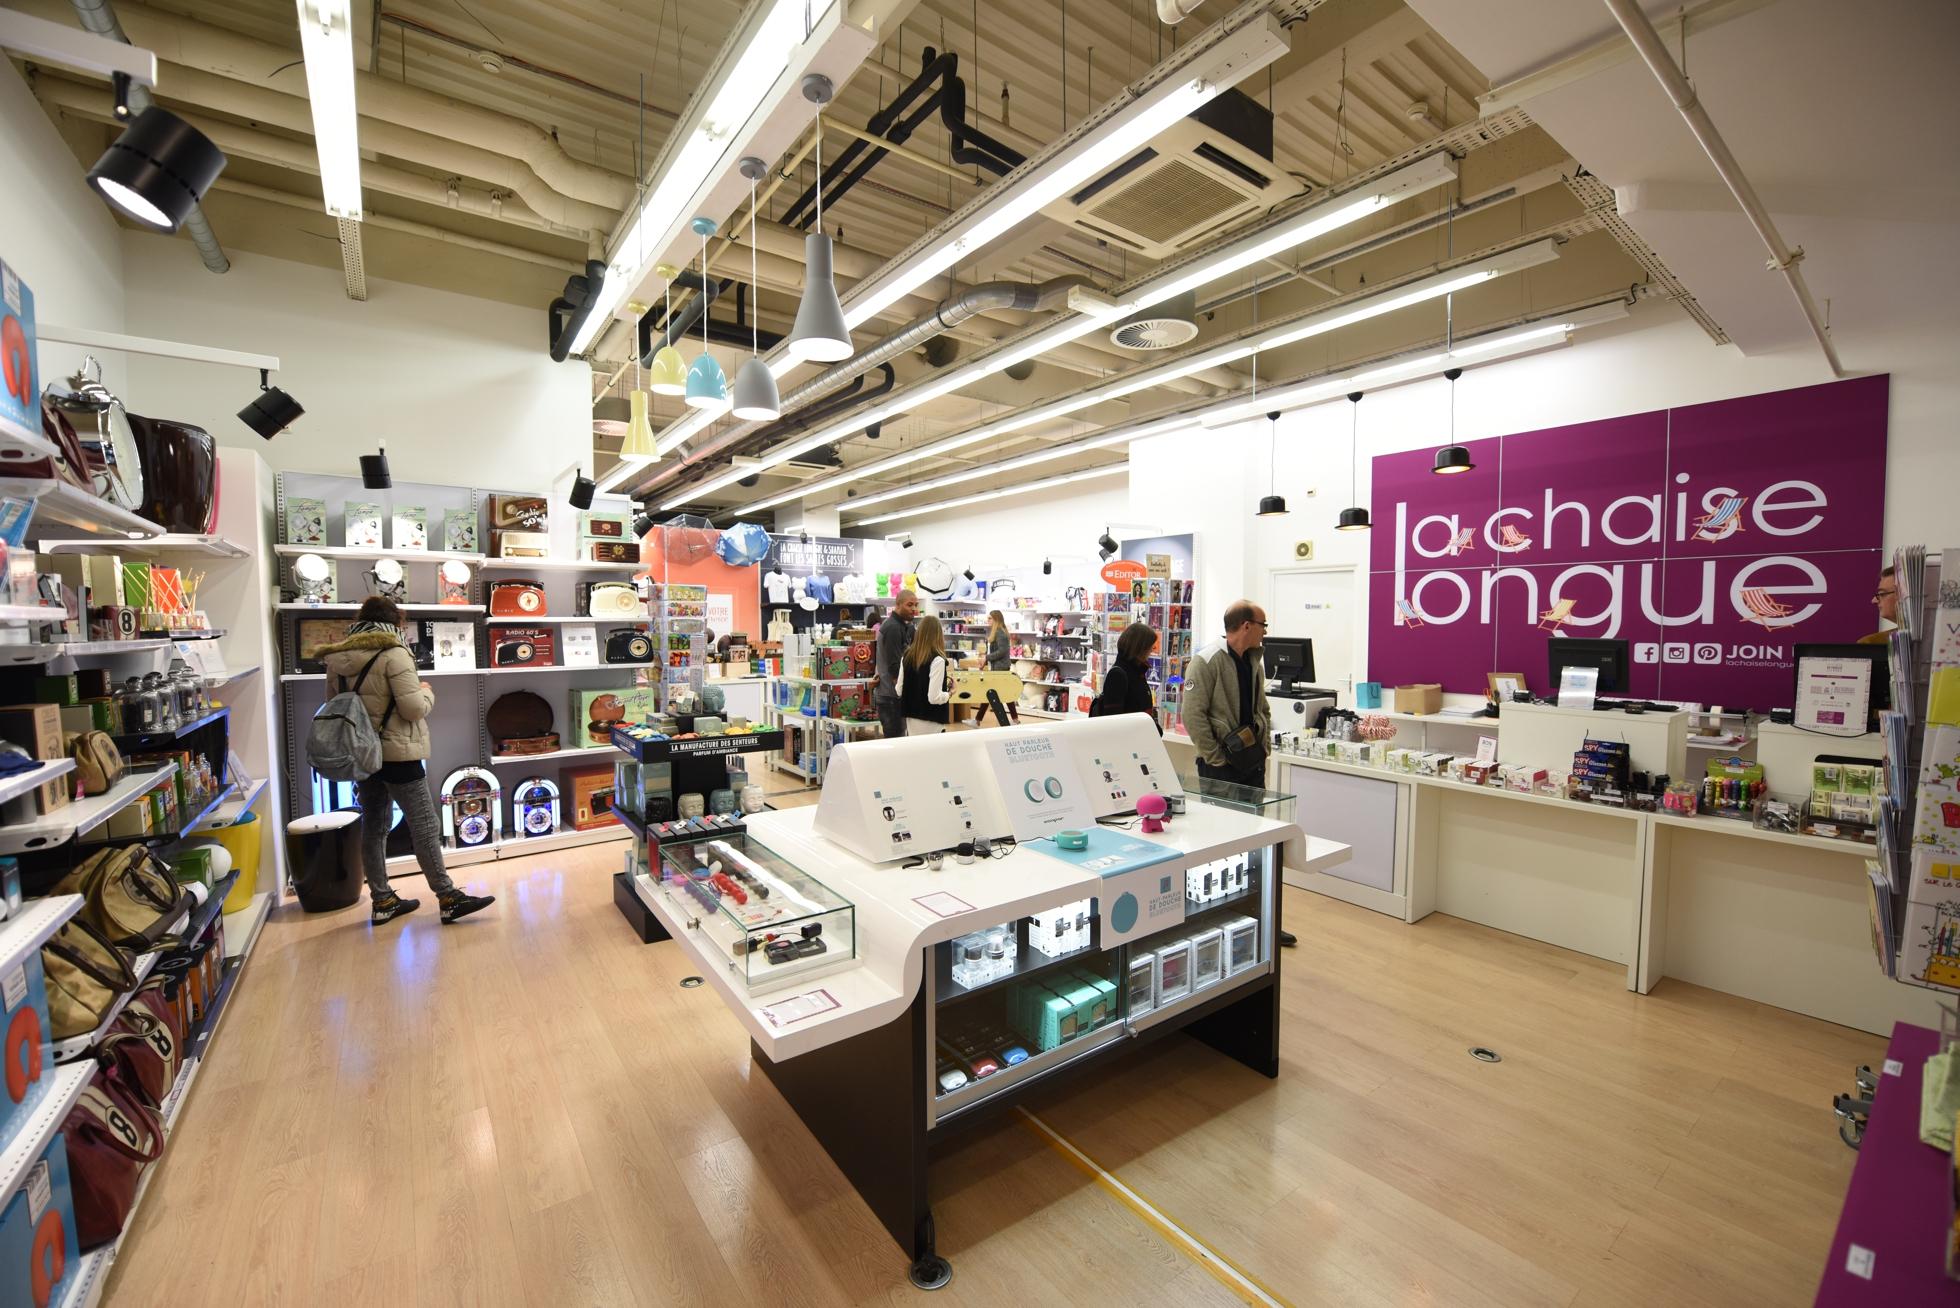 83bc026045 La Chaise Longue installe un pop-up store aux 4 Temps - Defense-92.fr